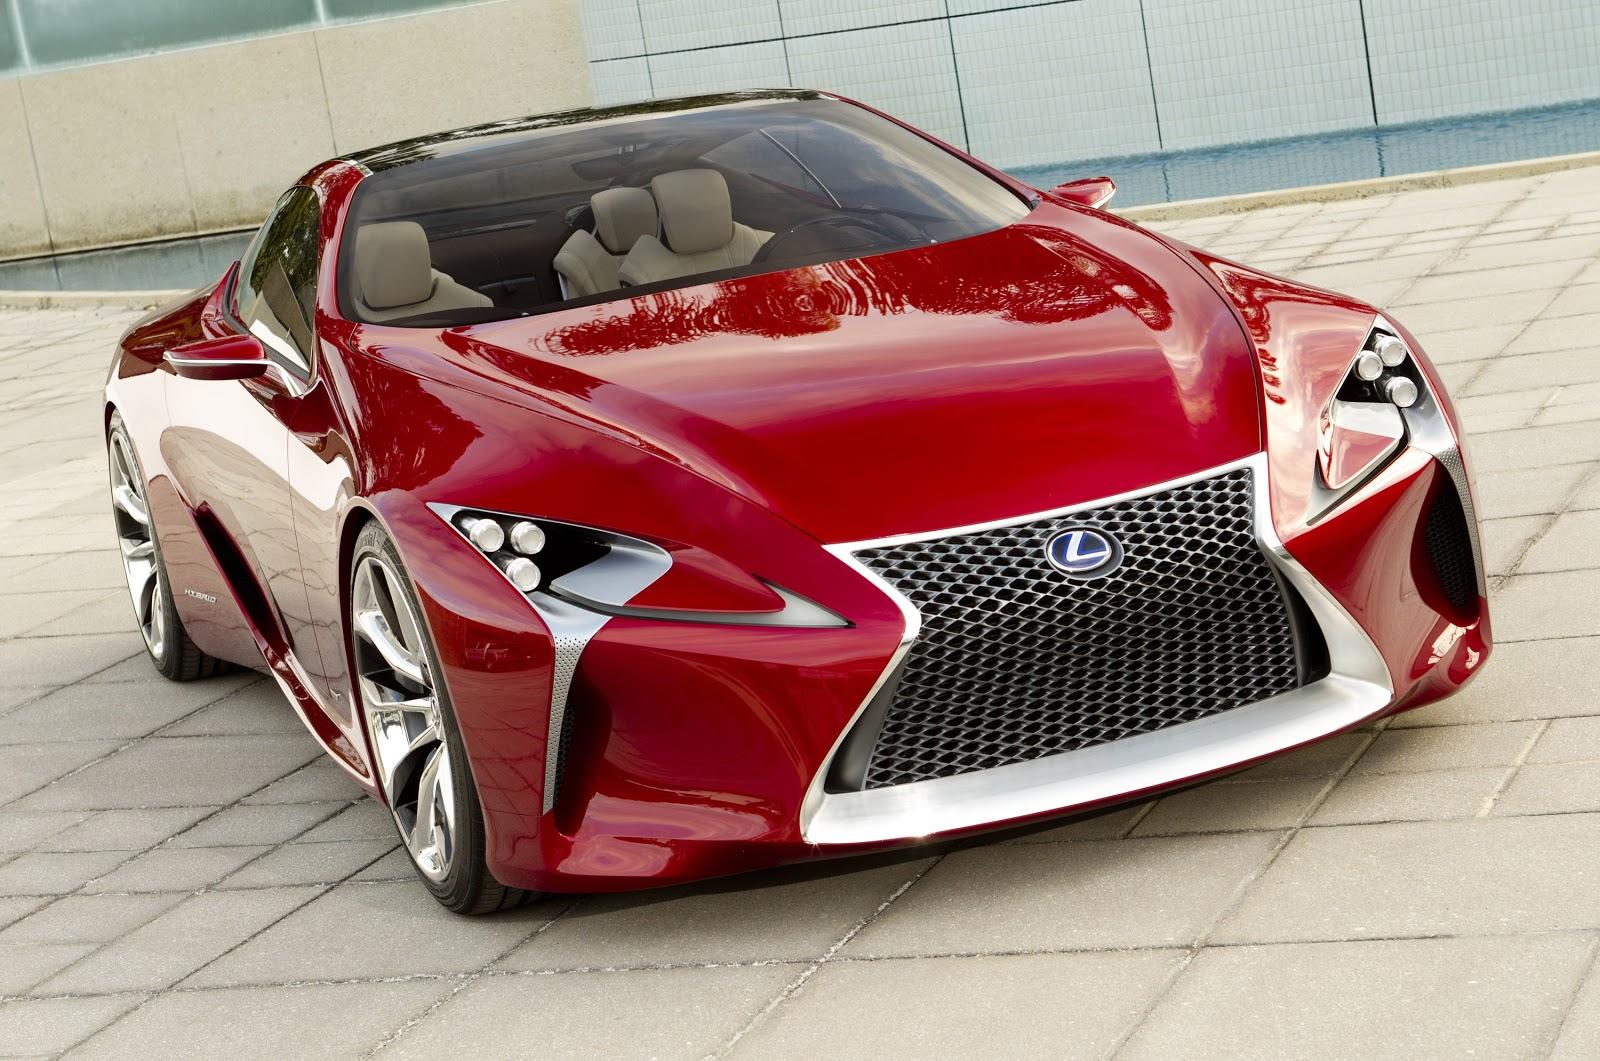 http://2.bp.blogspot.com/-gz0GtzyDnZg/UMWVQayEUrI/AAAAAAAAFPE/hGclhpu7AzM/s1600/2012-lexus-lf-lc-sport-coupe-concept-01.jpg